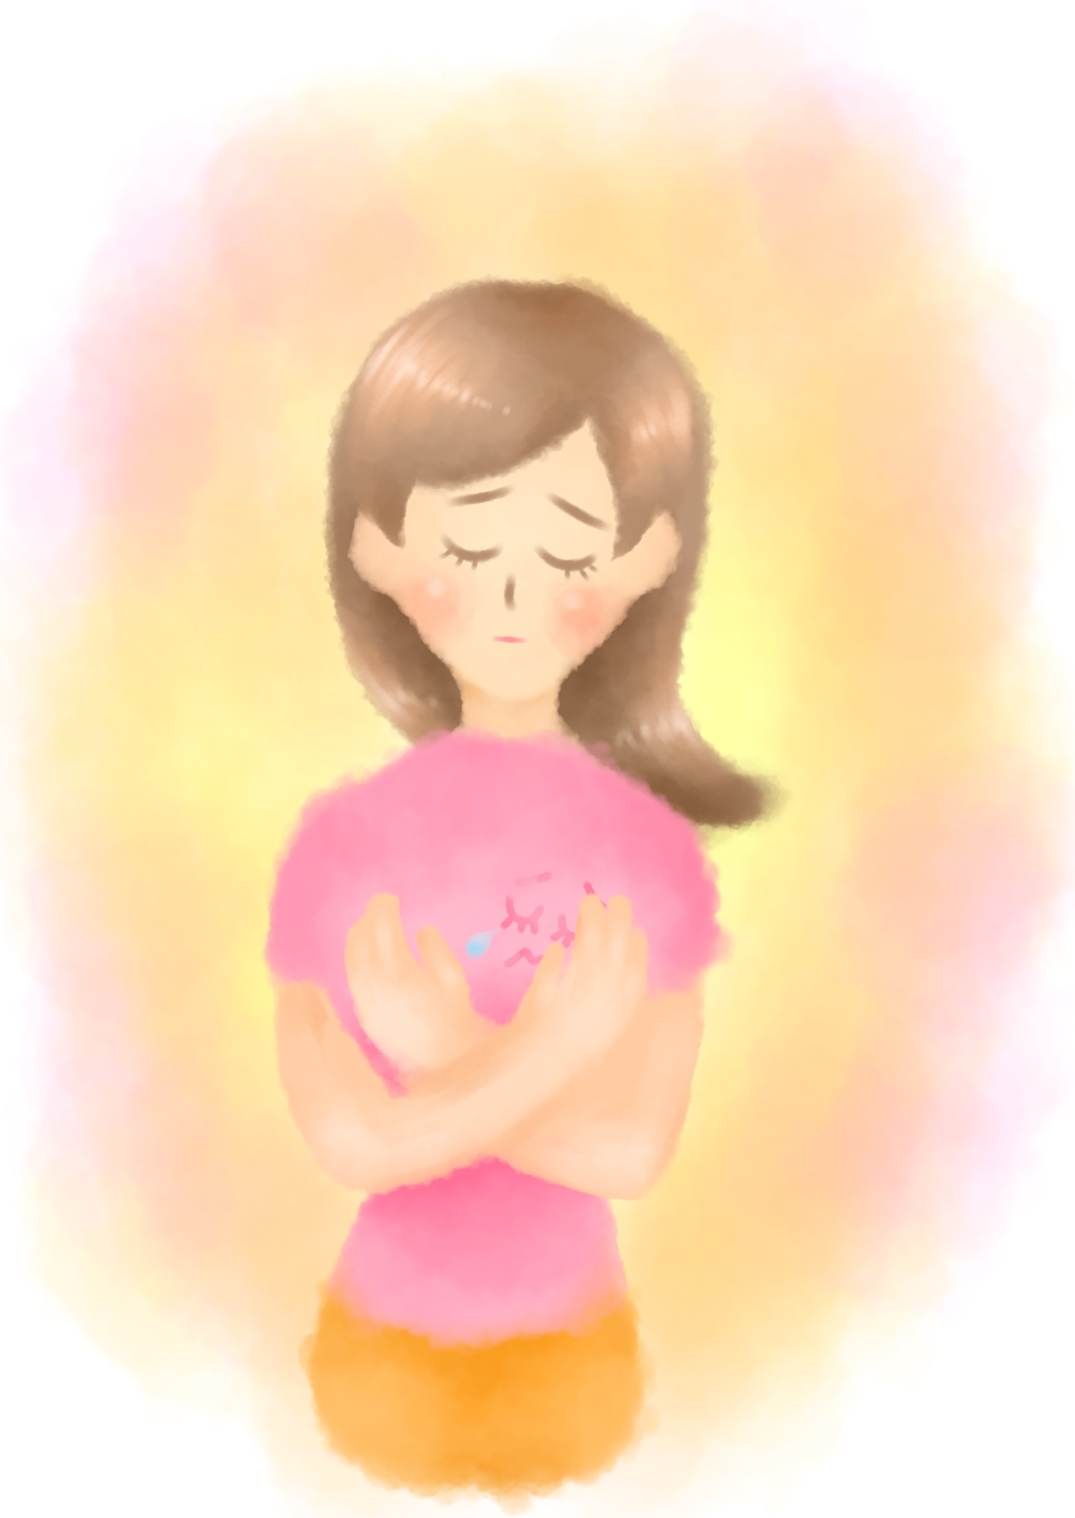 病理検査の結果、乳がんでした。全摘か温存どっちを選ぶか悩んだが..